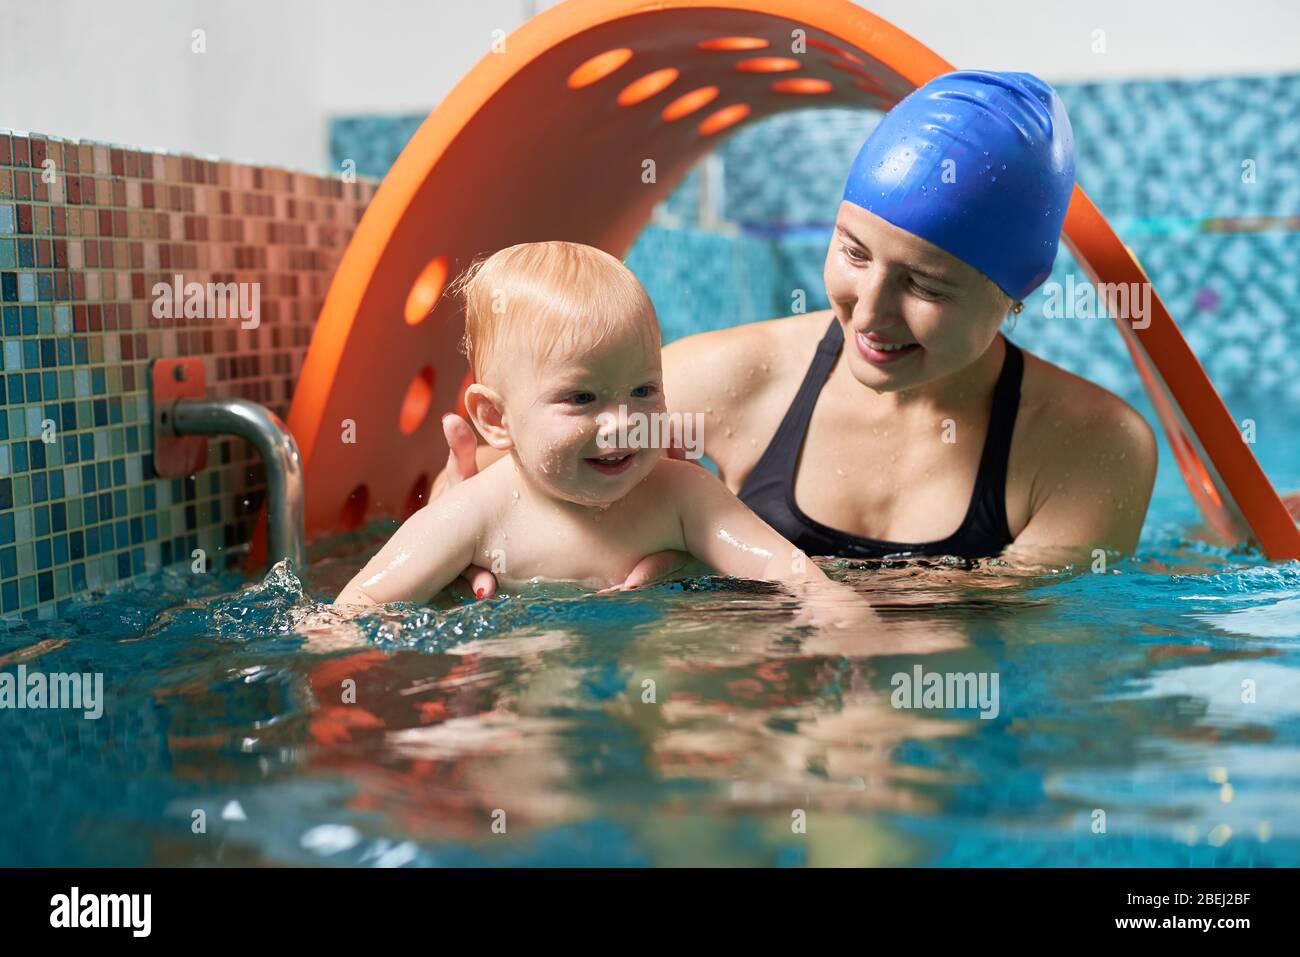 Muy interesante entrenamiento activo en piscina. Un niño lindo está aprendiendo a flotar con su madre de apoyo. Concepto de familia sana Foto de stock